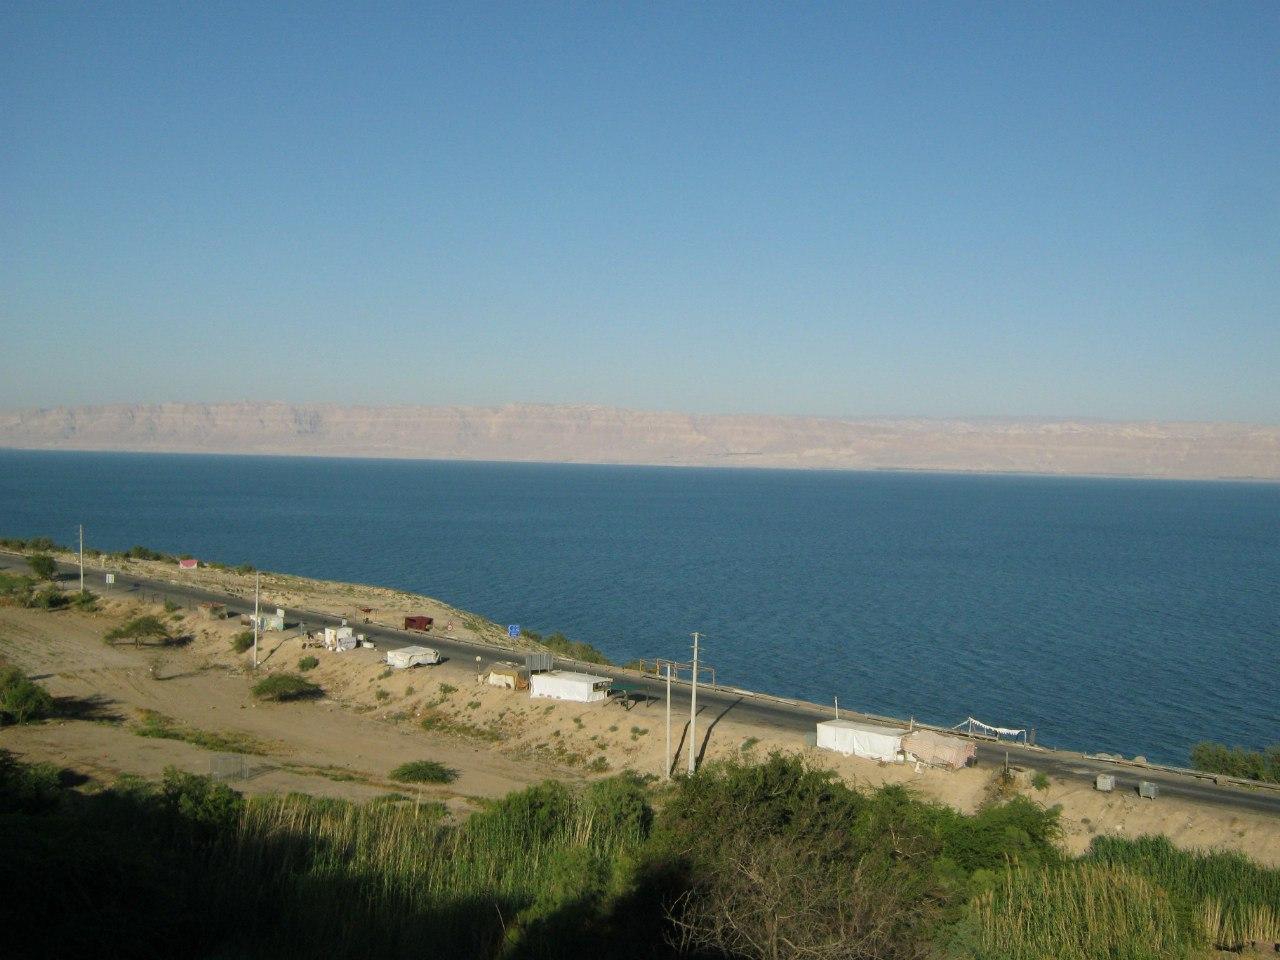 Мёртвое море - как граница между Израилем и Иорданией